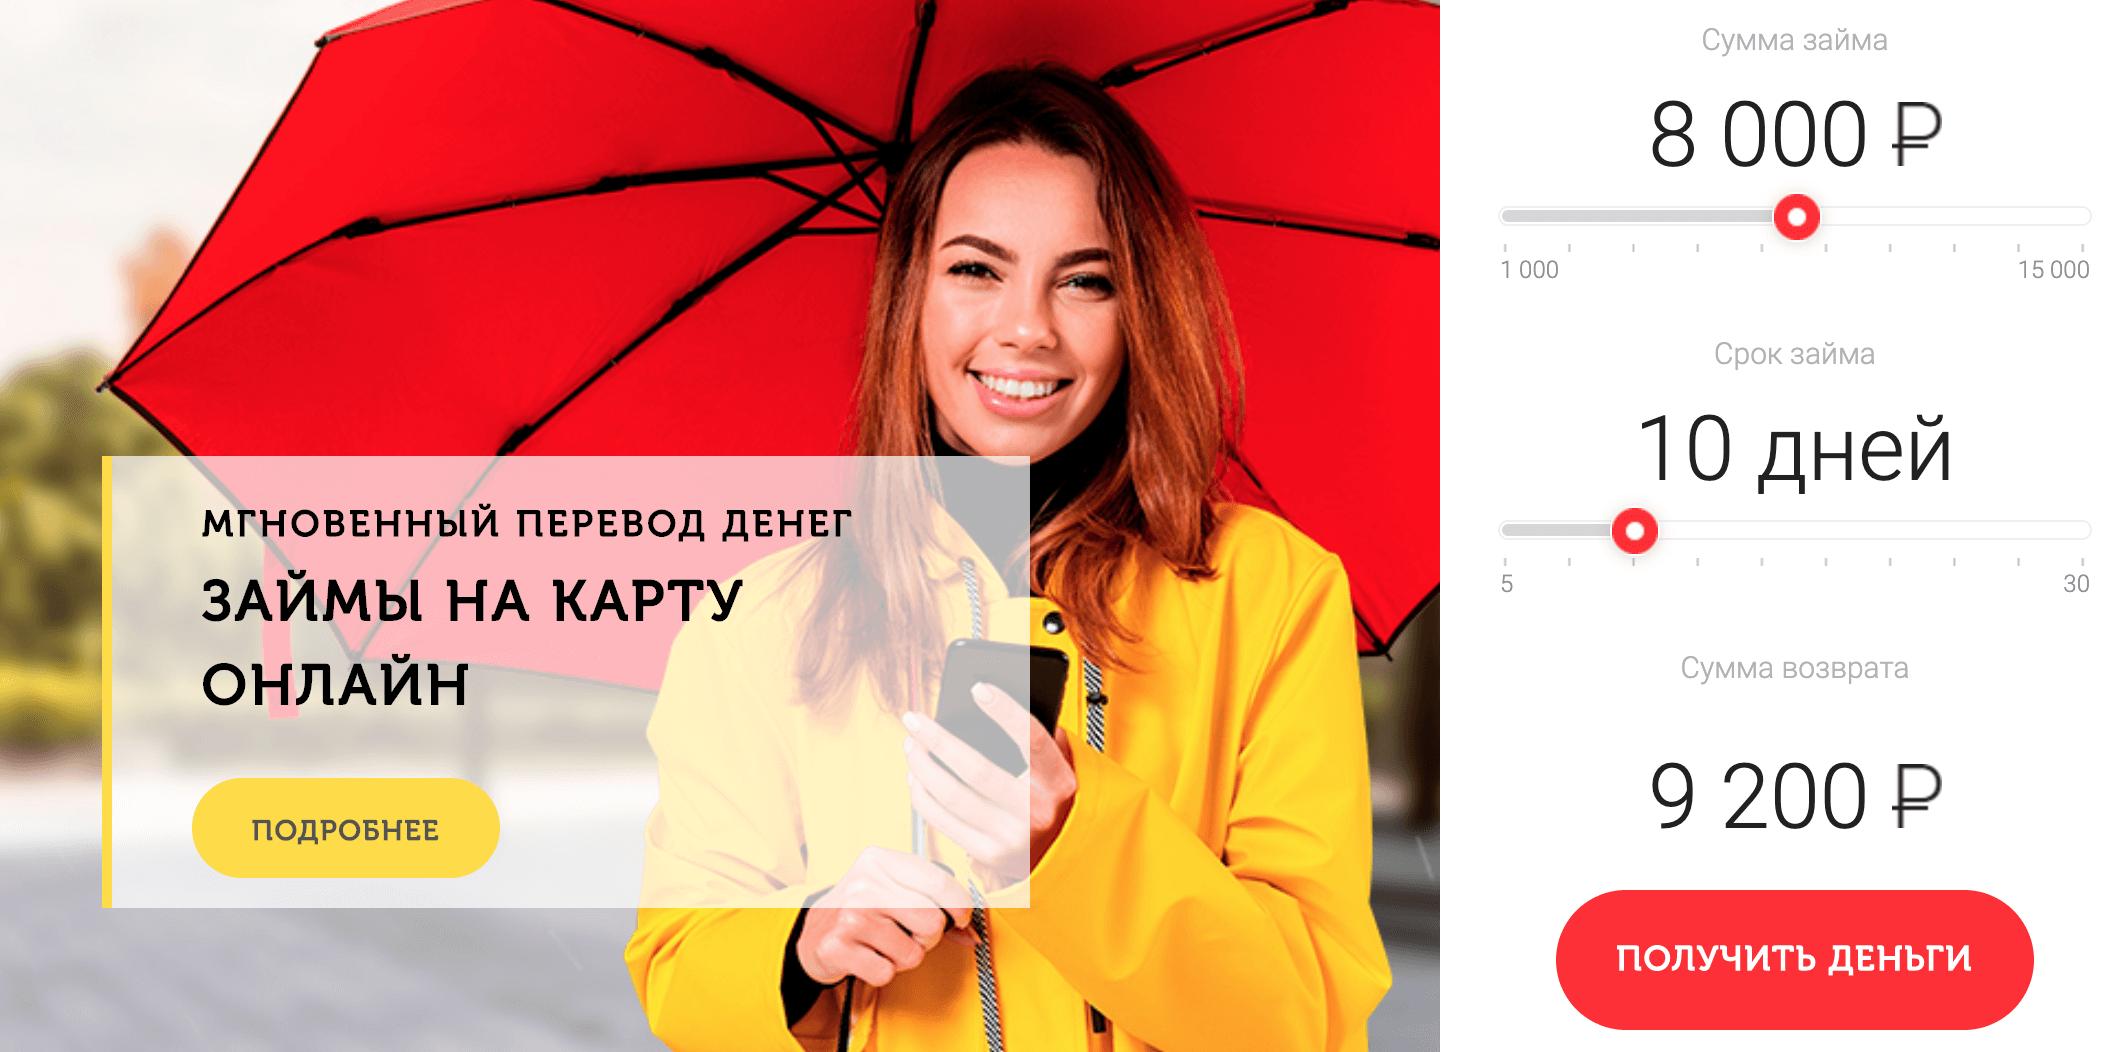 взять кредит онлайн екапуста новосибирск